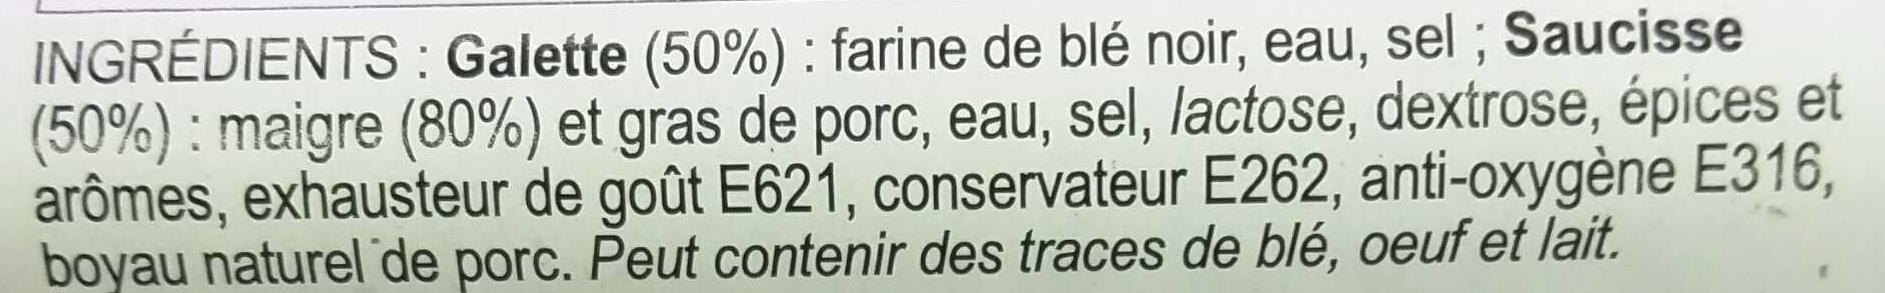 La Galette Saucisse - Ingredients - fr